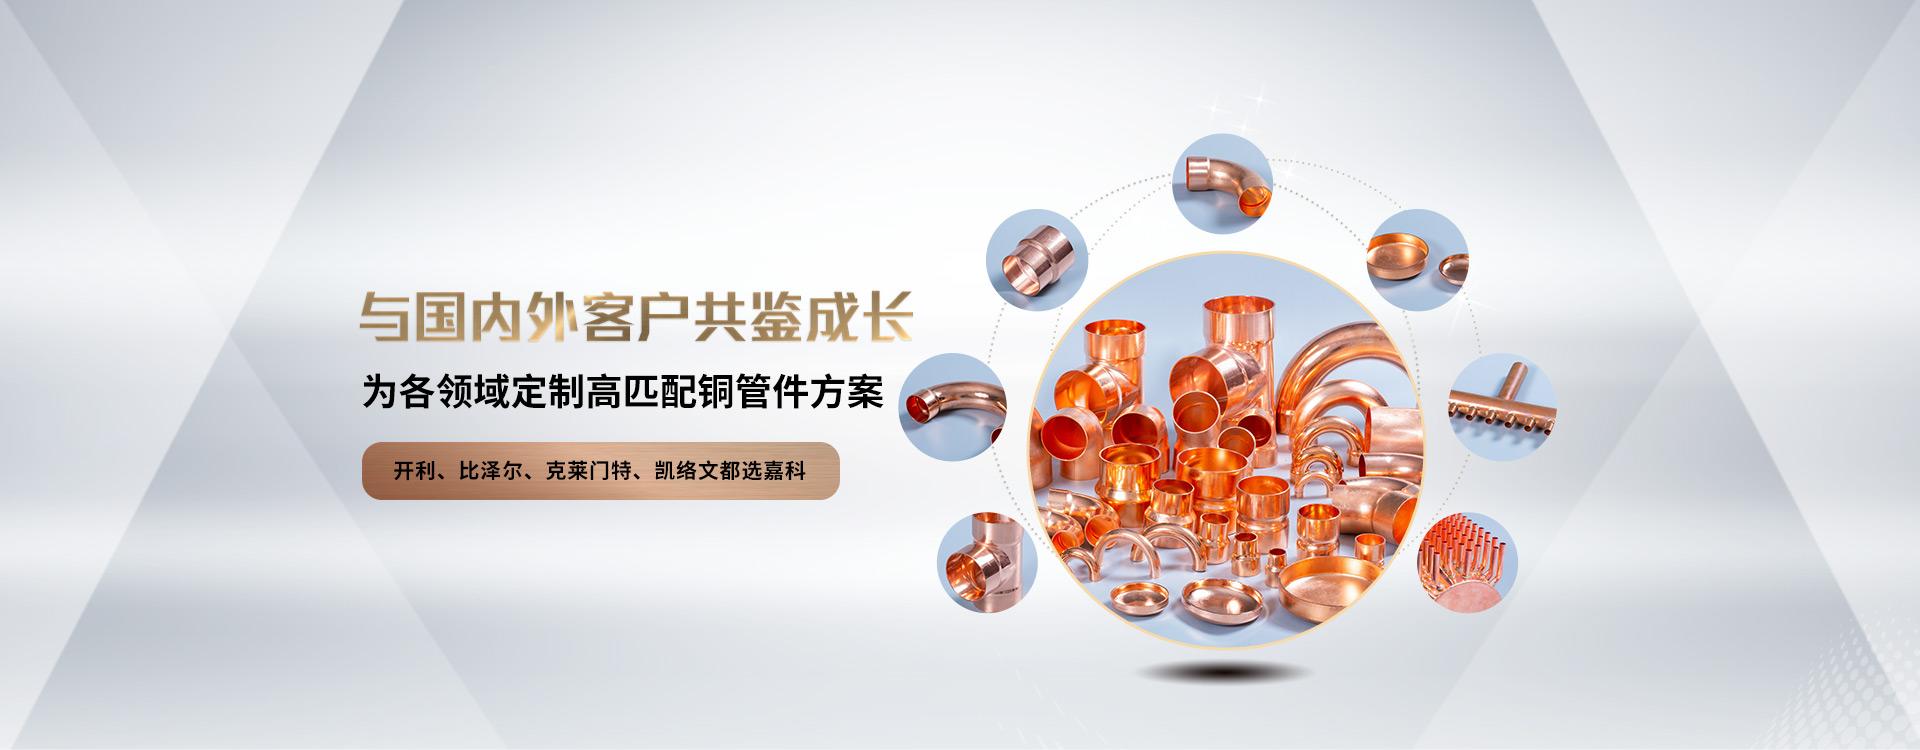 嘉科铜管-为各领域定制高匹配铜管件方案